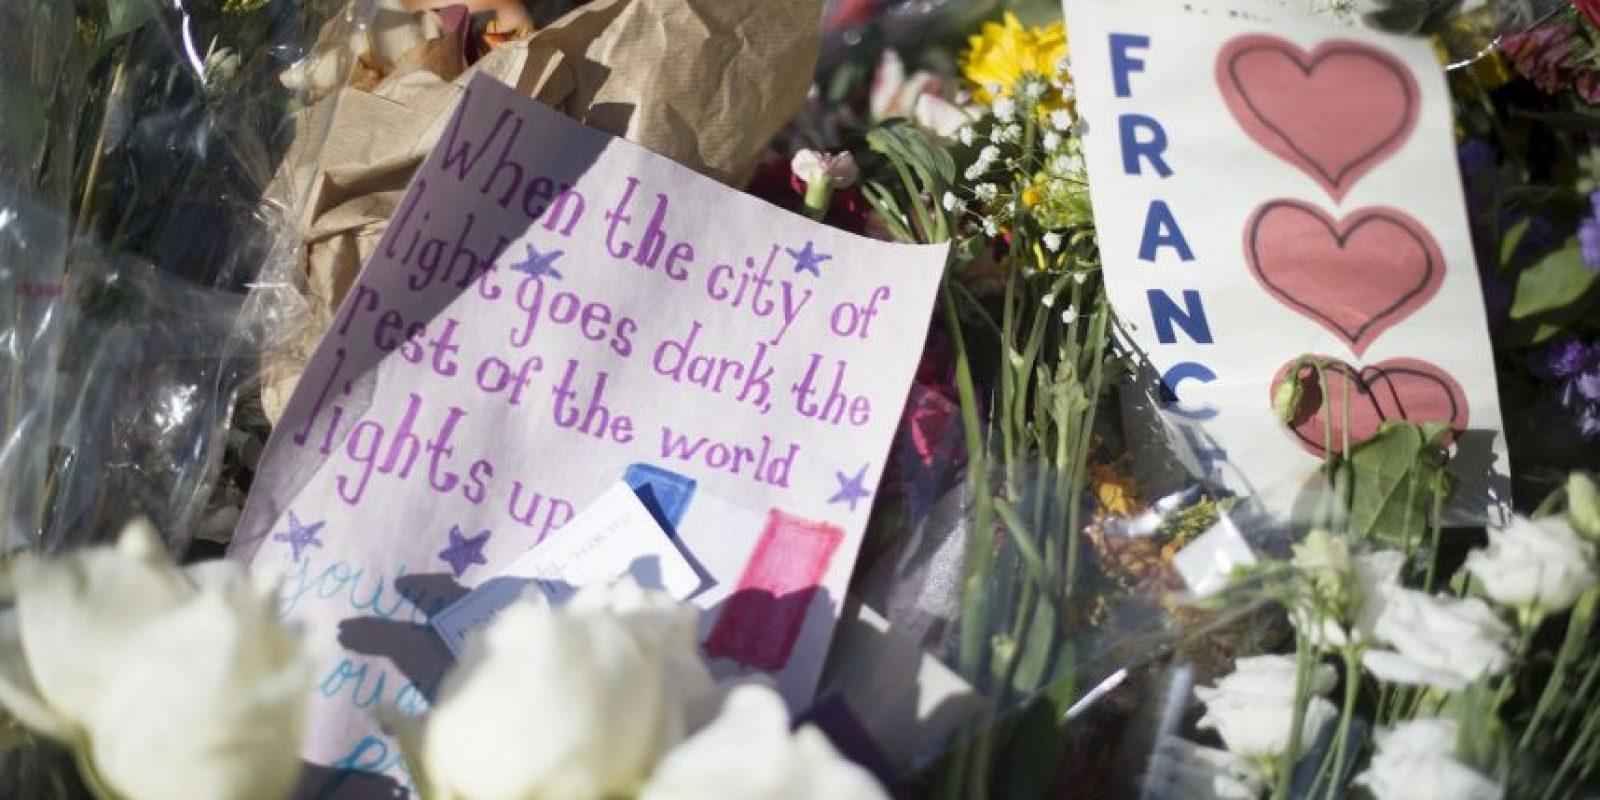 Los atentados de París del pasado 13 de noviembre dejaron un saldo de 130 muertos y más de 300 heridos. Foto:AFP